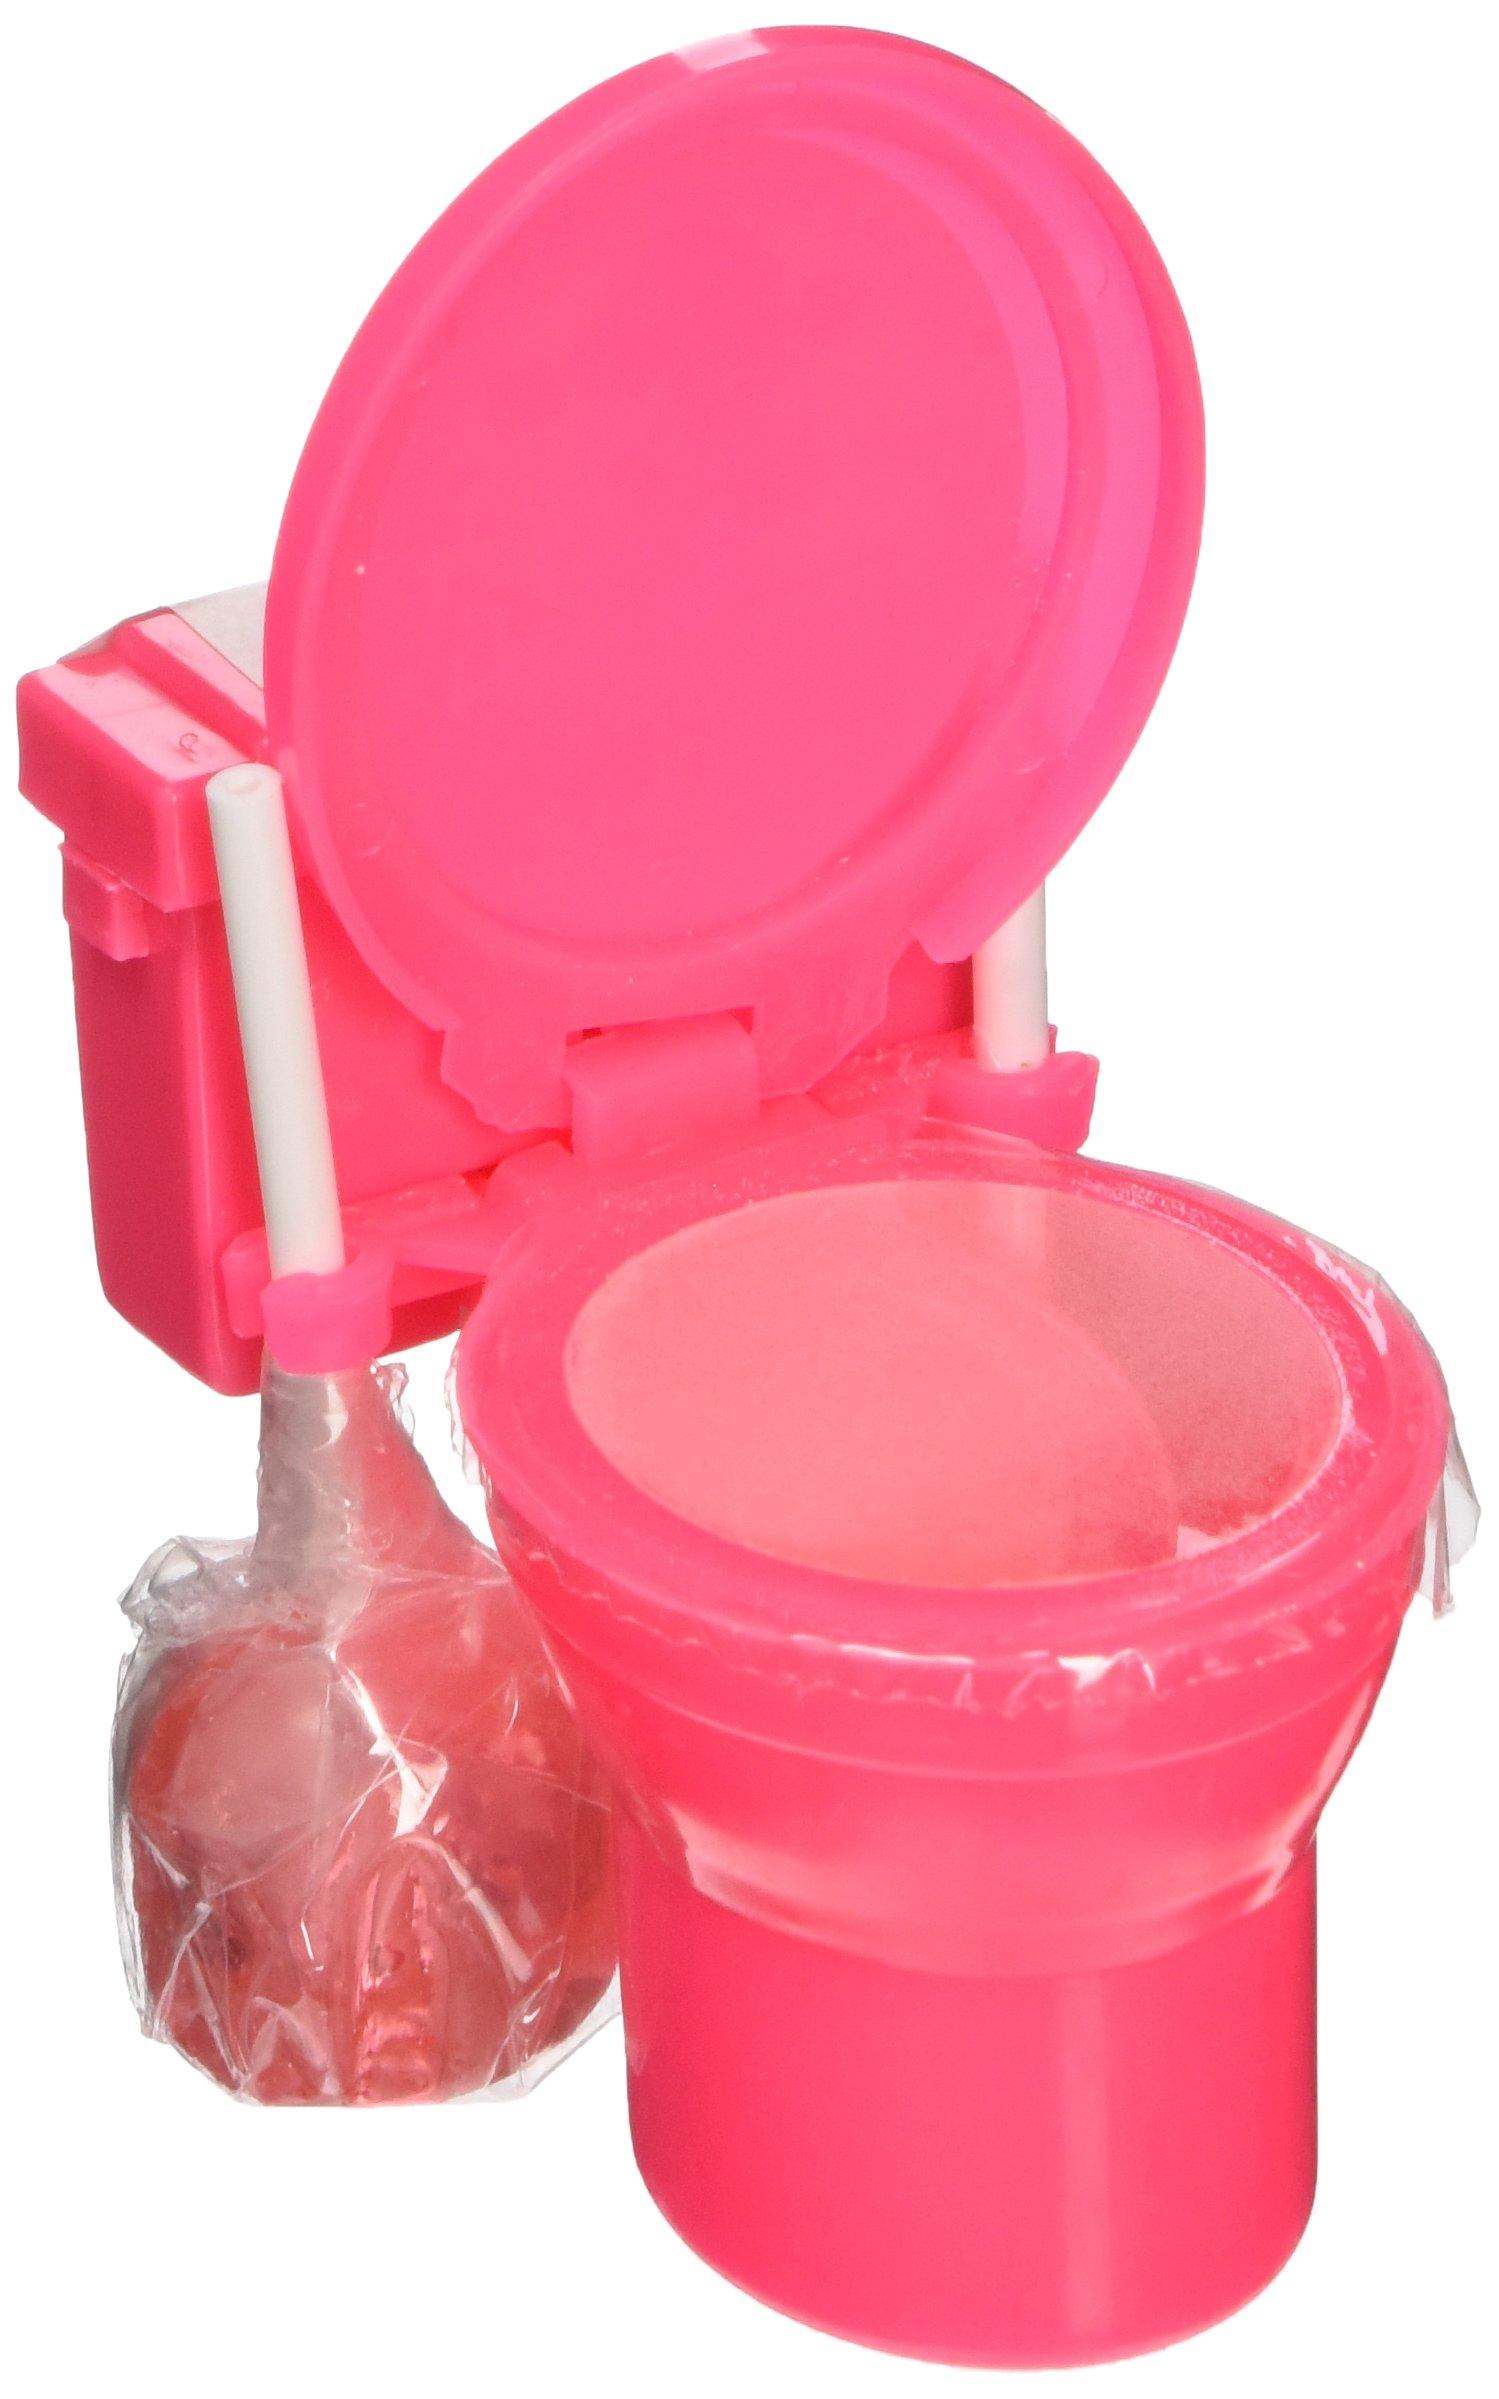 Sour Flush Candy Plungers and Powder Toilet Dip-Random Colors - 1 Unit